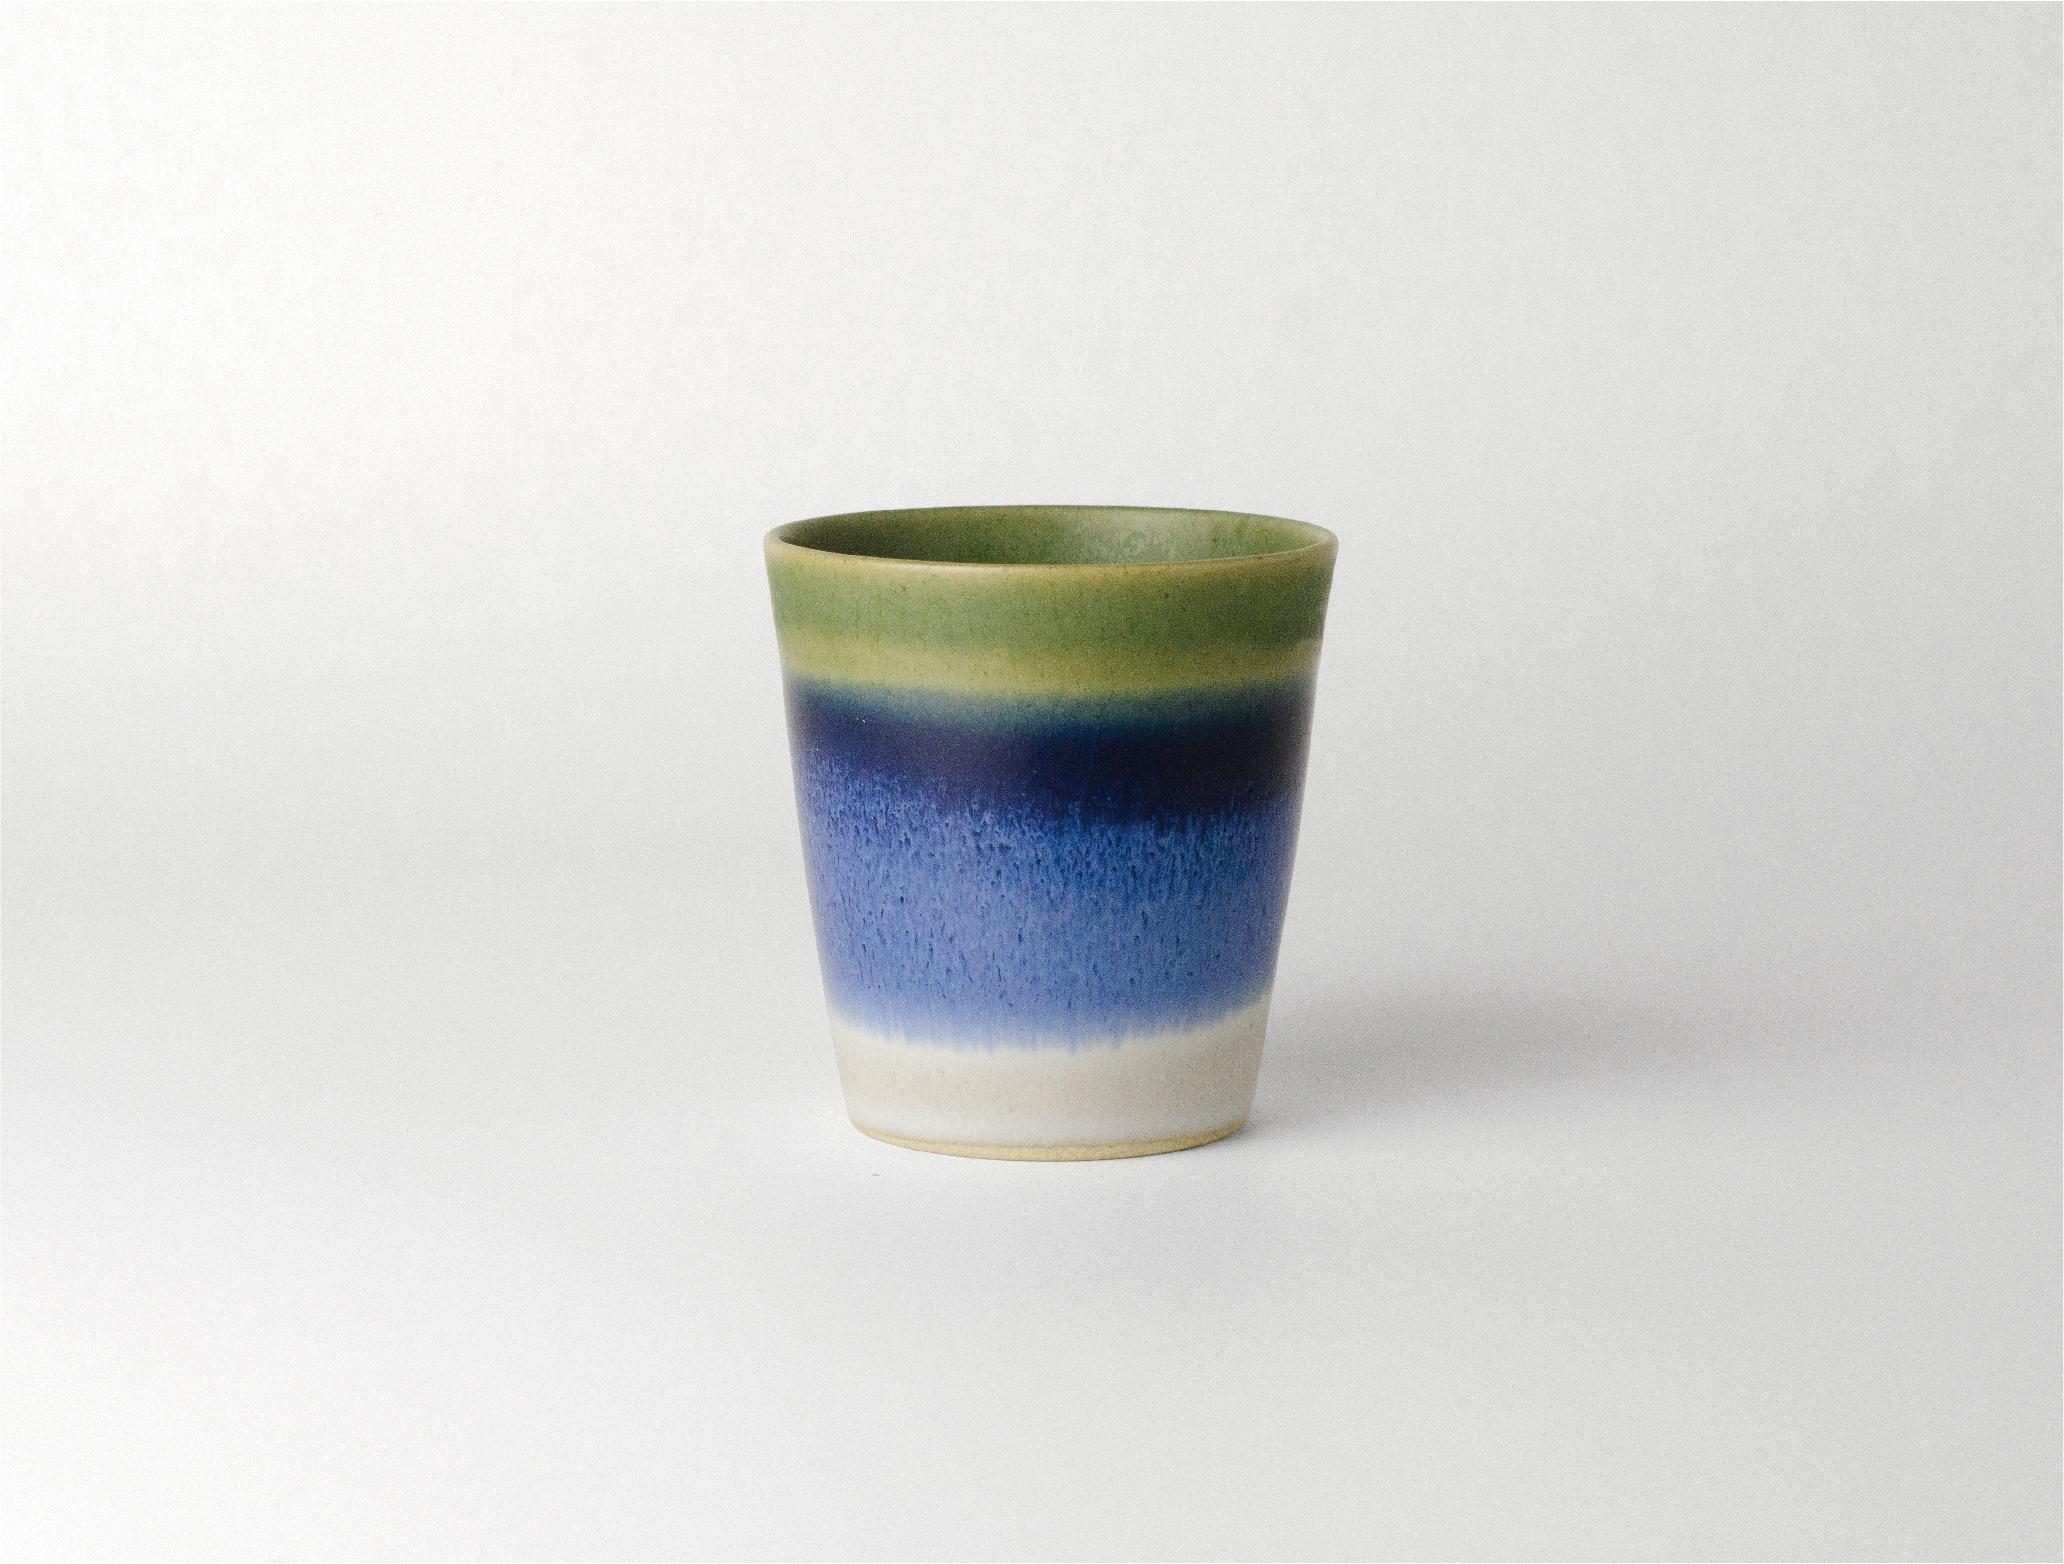 Fujisan_natu 120mlカップ イメージ